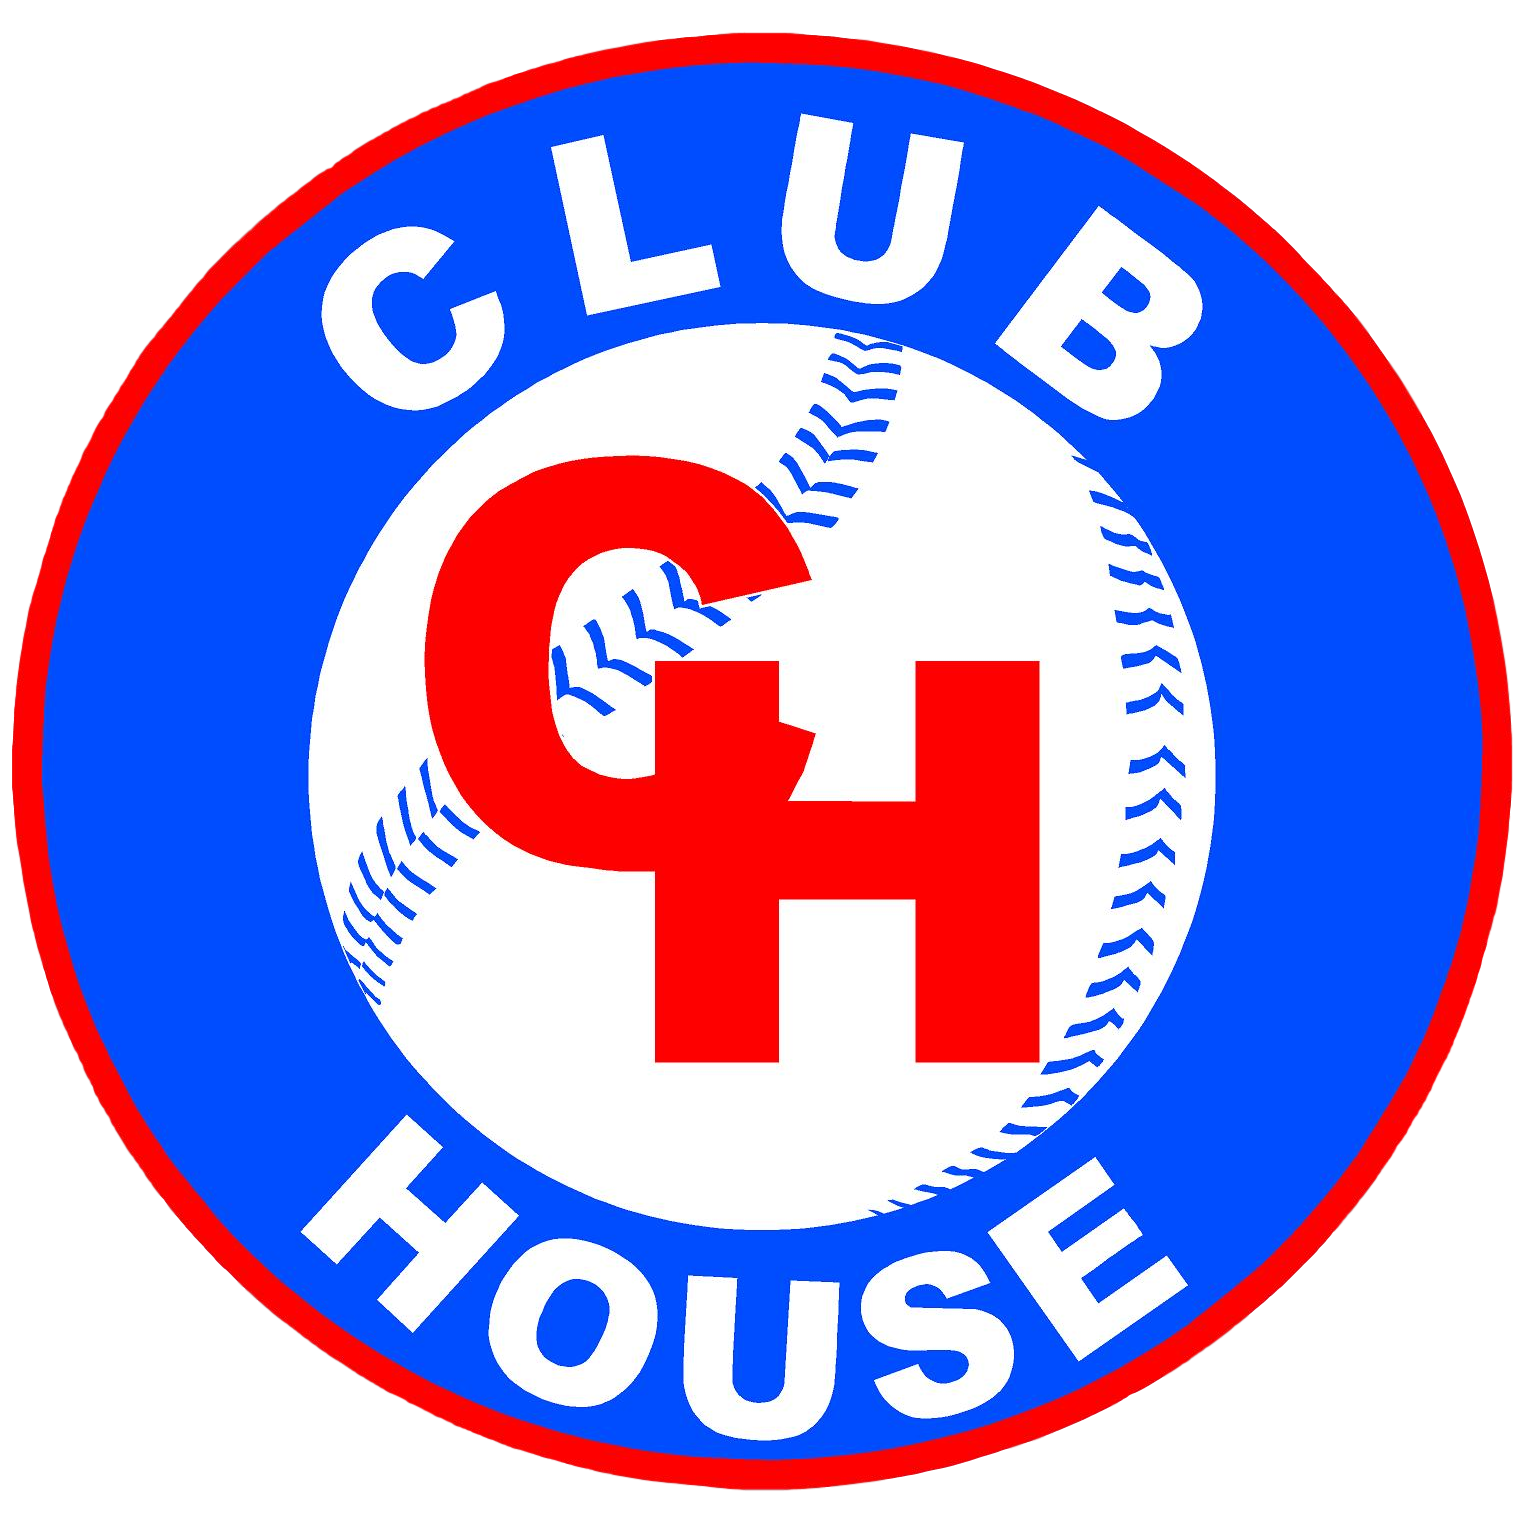 West Michigan Club House